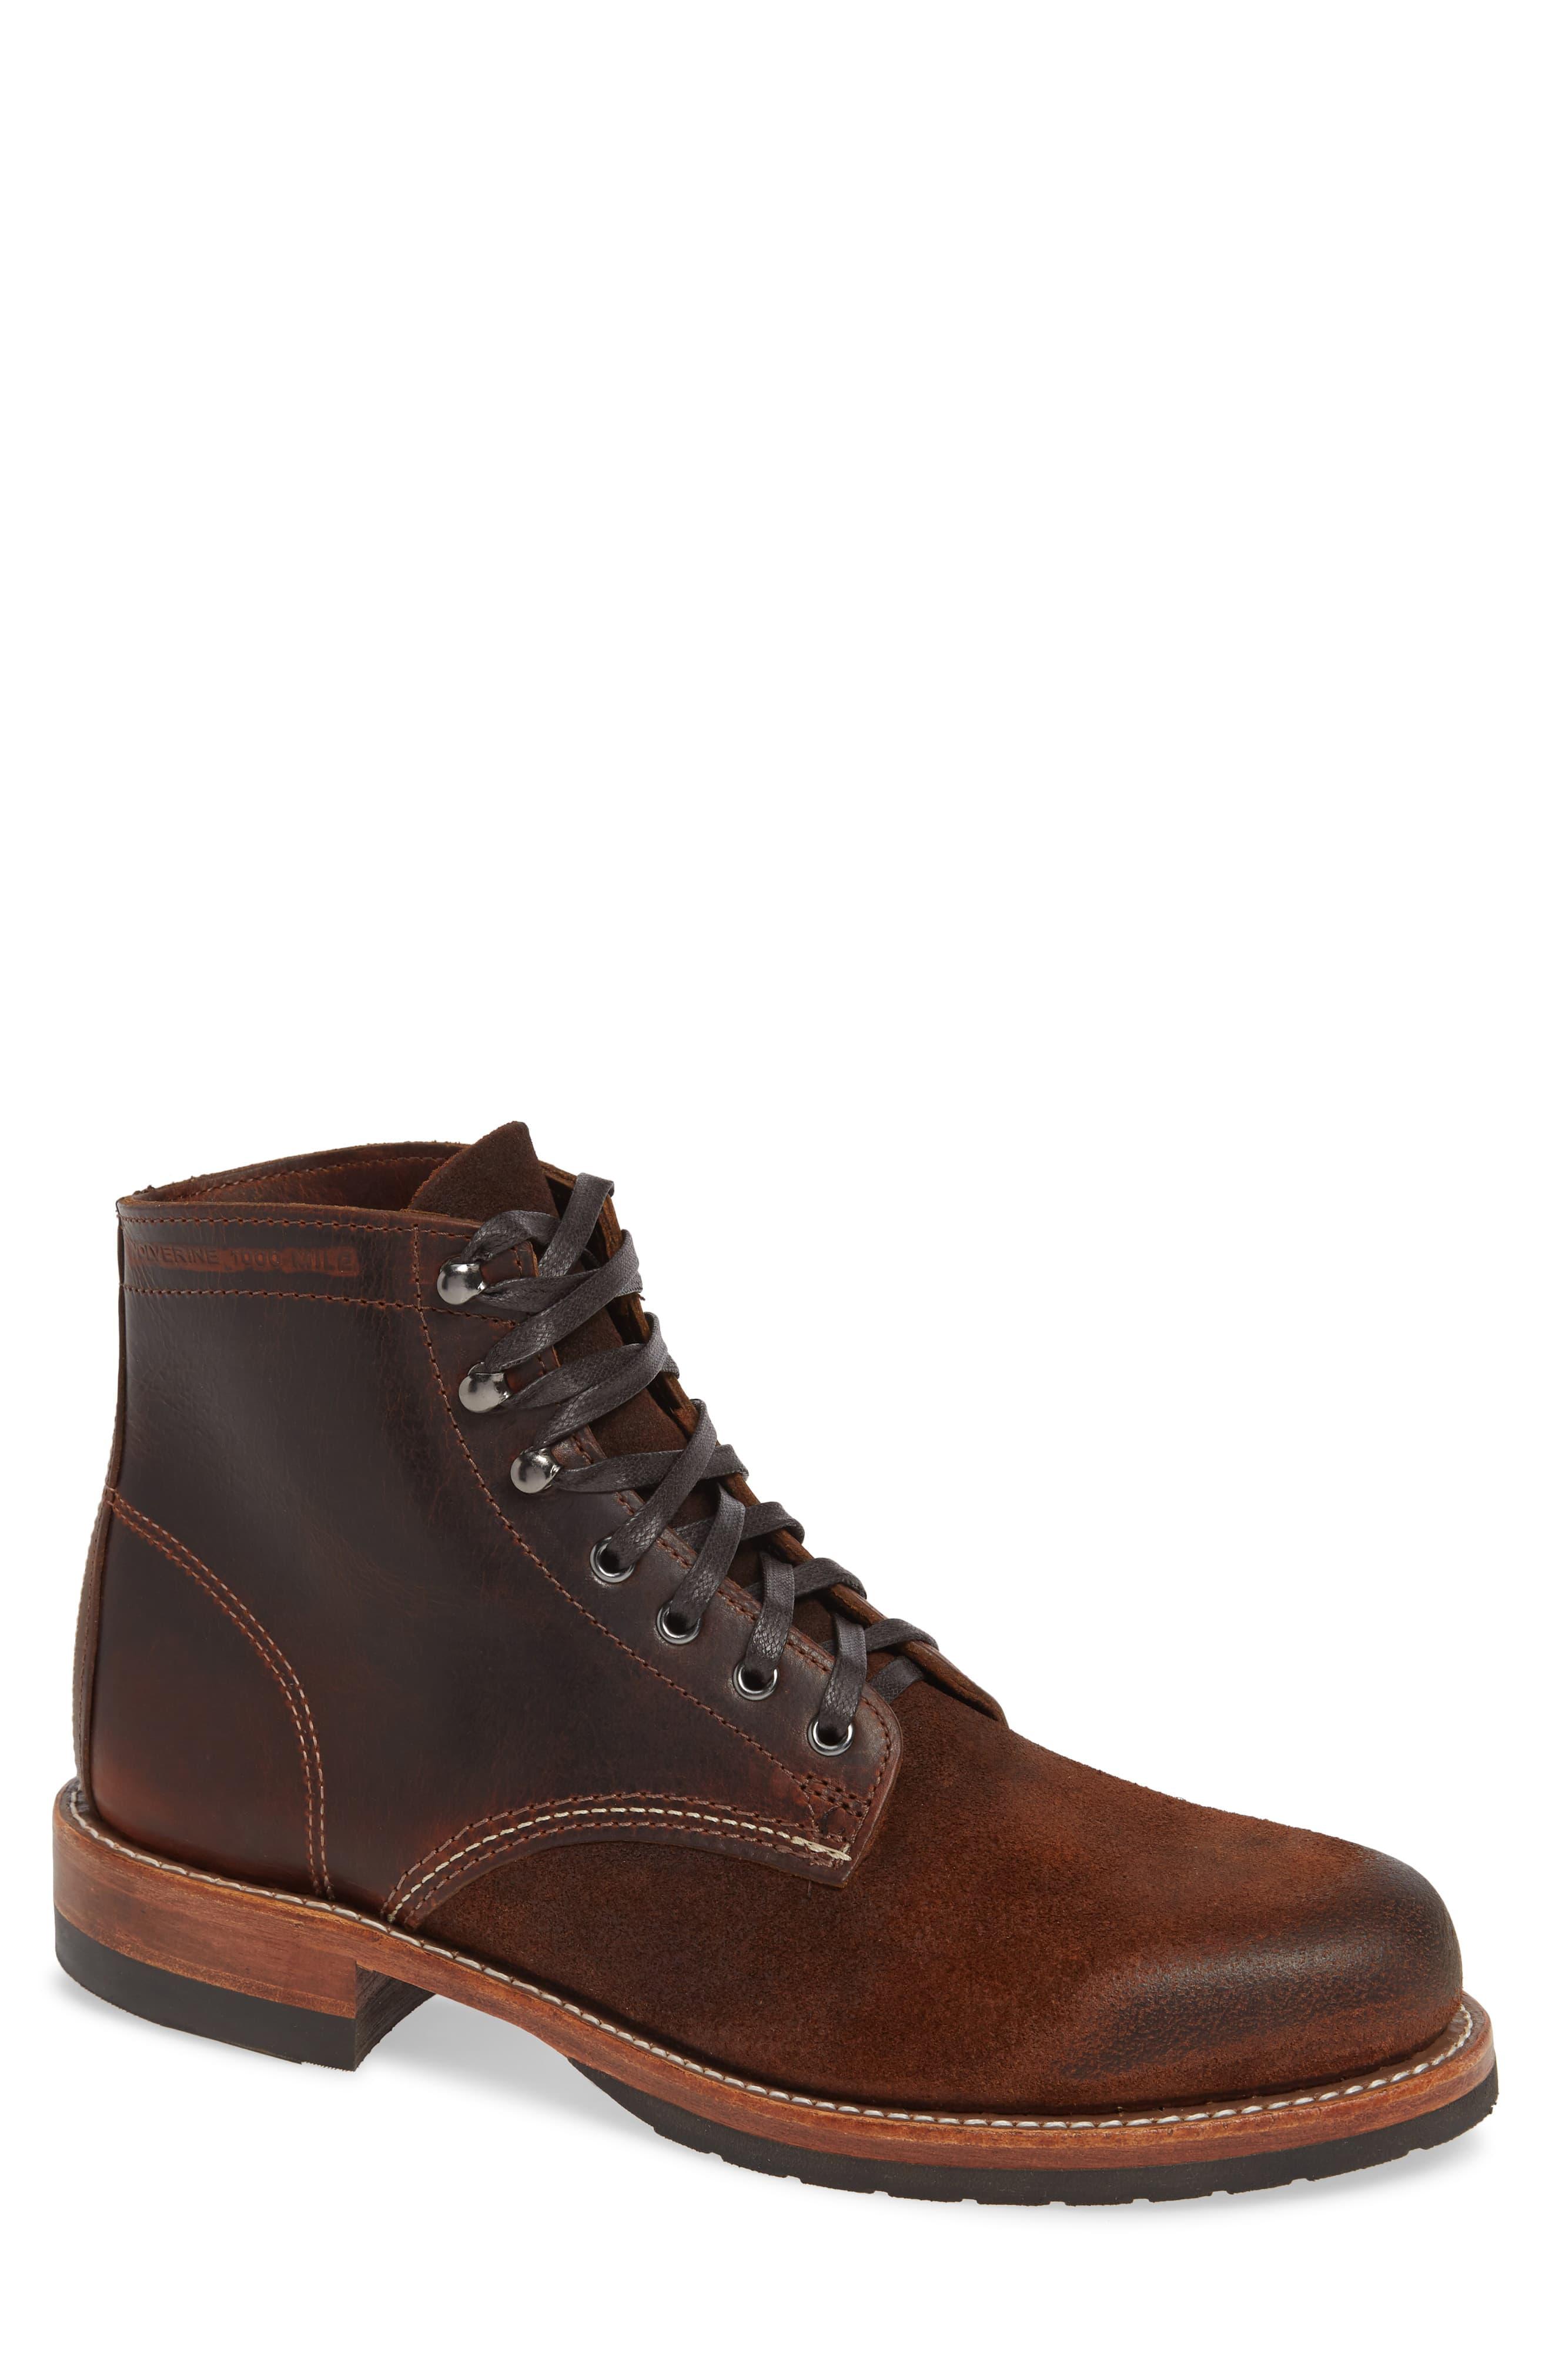 d6ca06210d0 Men's Wolverine 1000 Mile Evans Plain Toe Boot, Size 9 D - Brown in ...